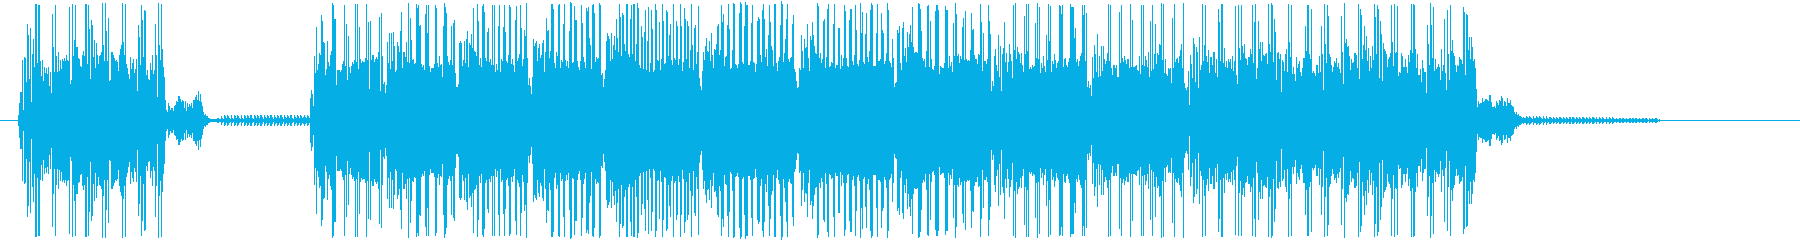 レトロなネオクラシカルなゲームオーバーの再生済みの波形